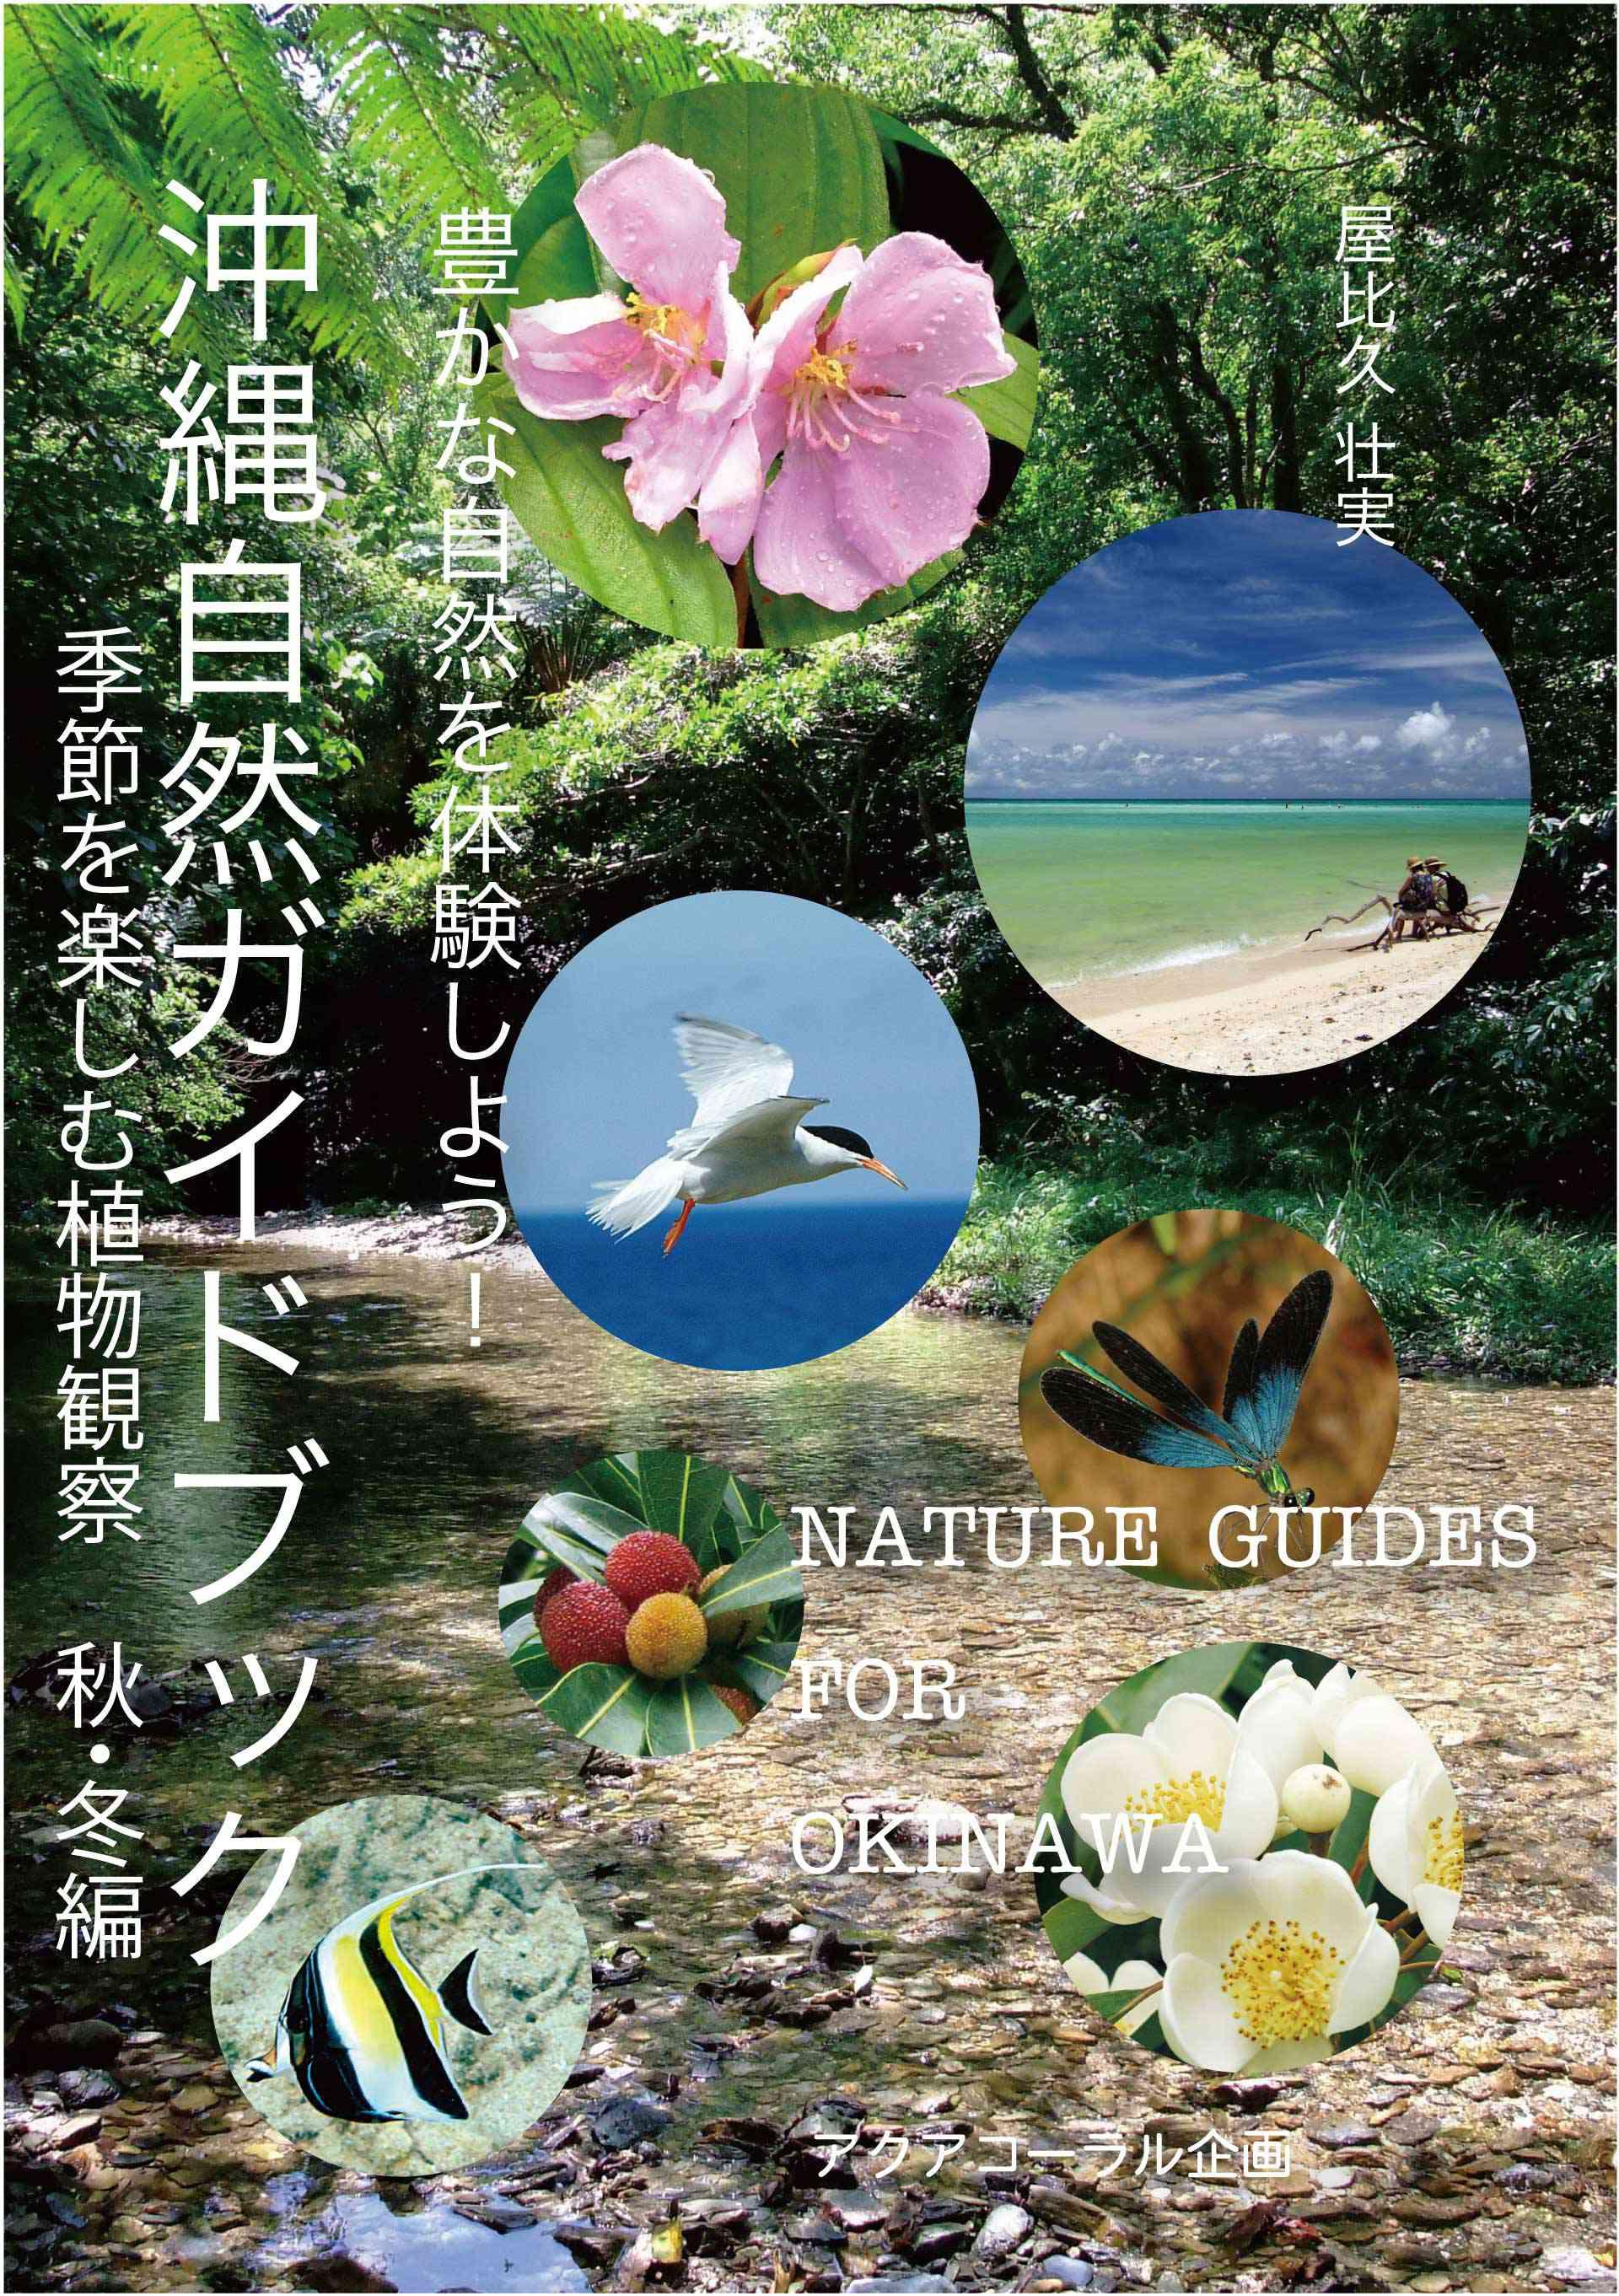 沖縄自然ガイドブック 豊かな自然を体験しよう!季節を楽しむ植物観察 秋・冬編